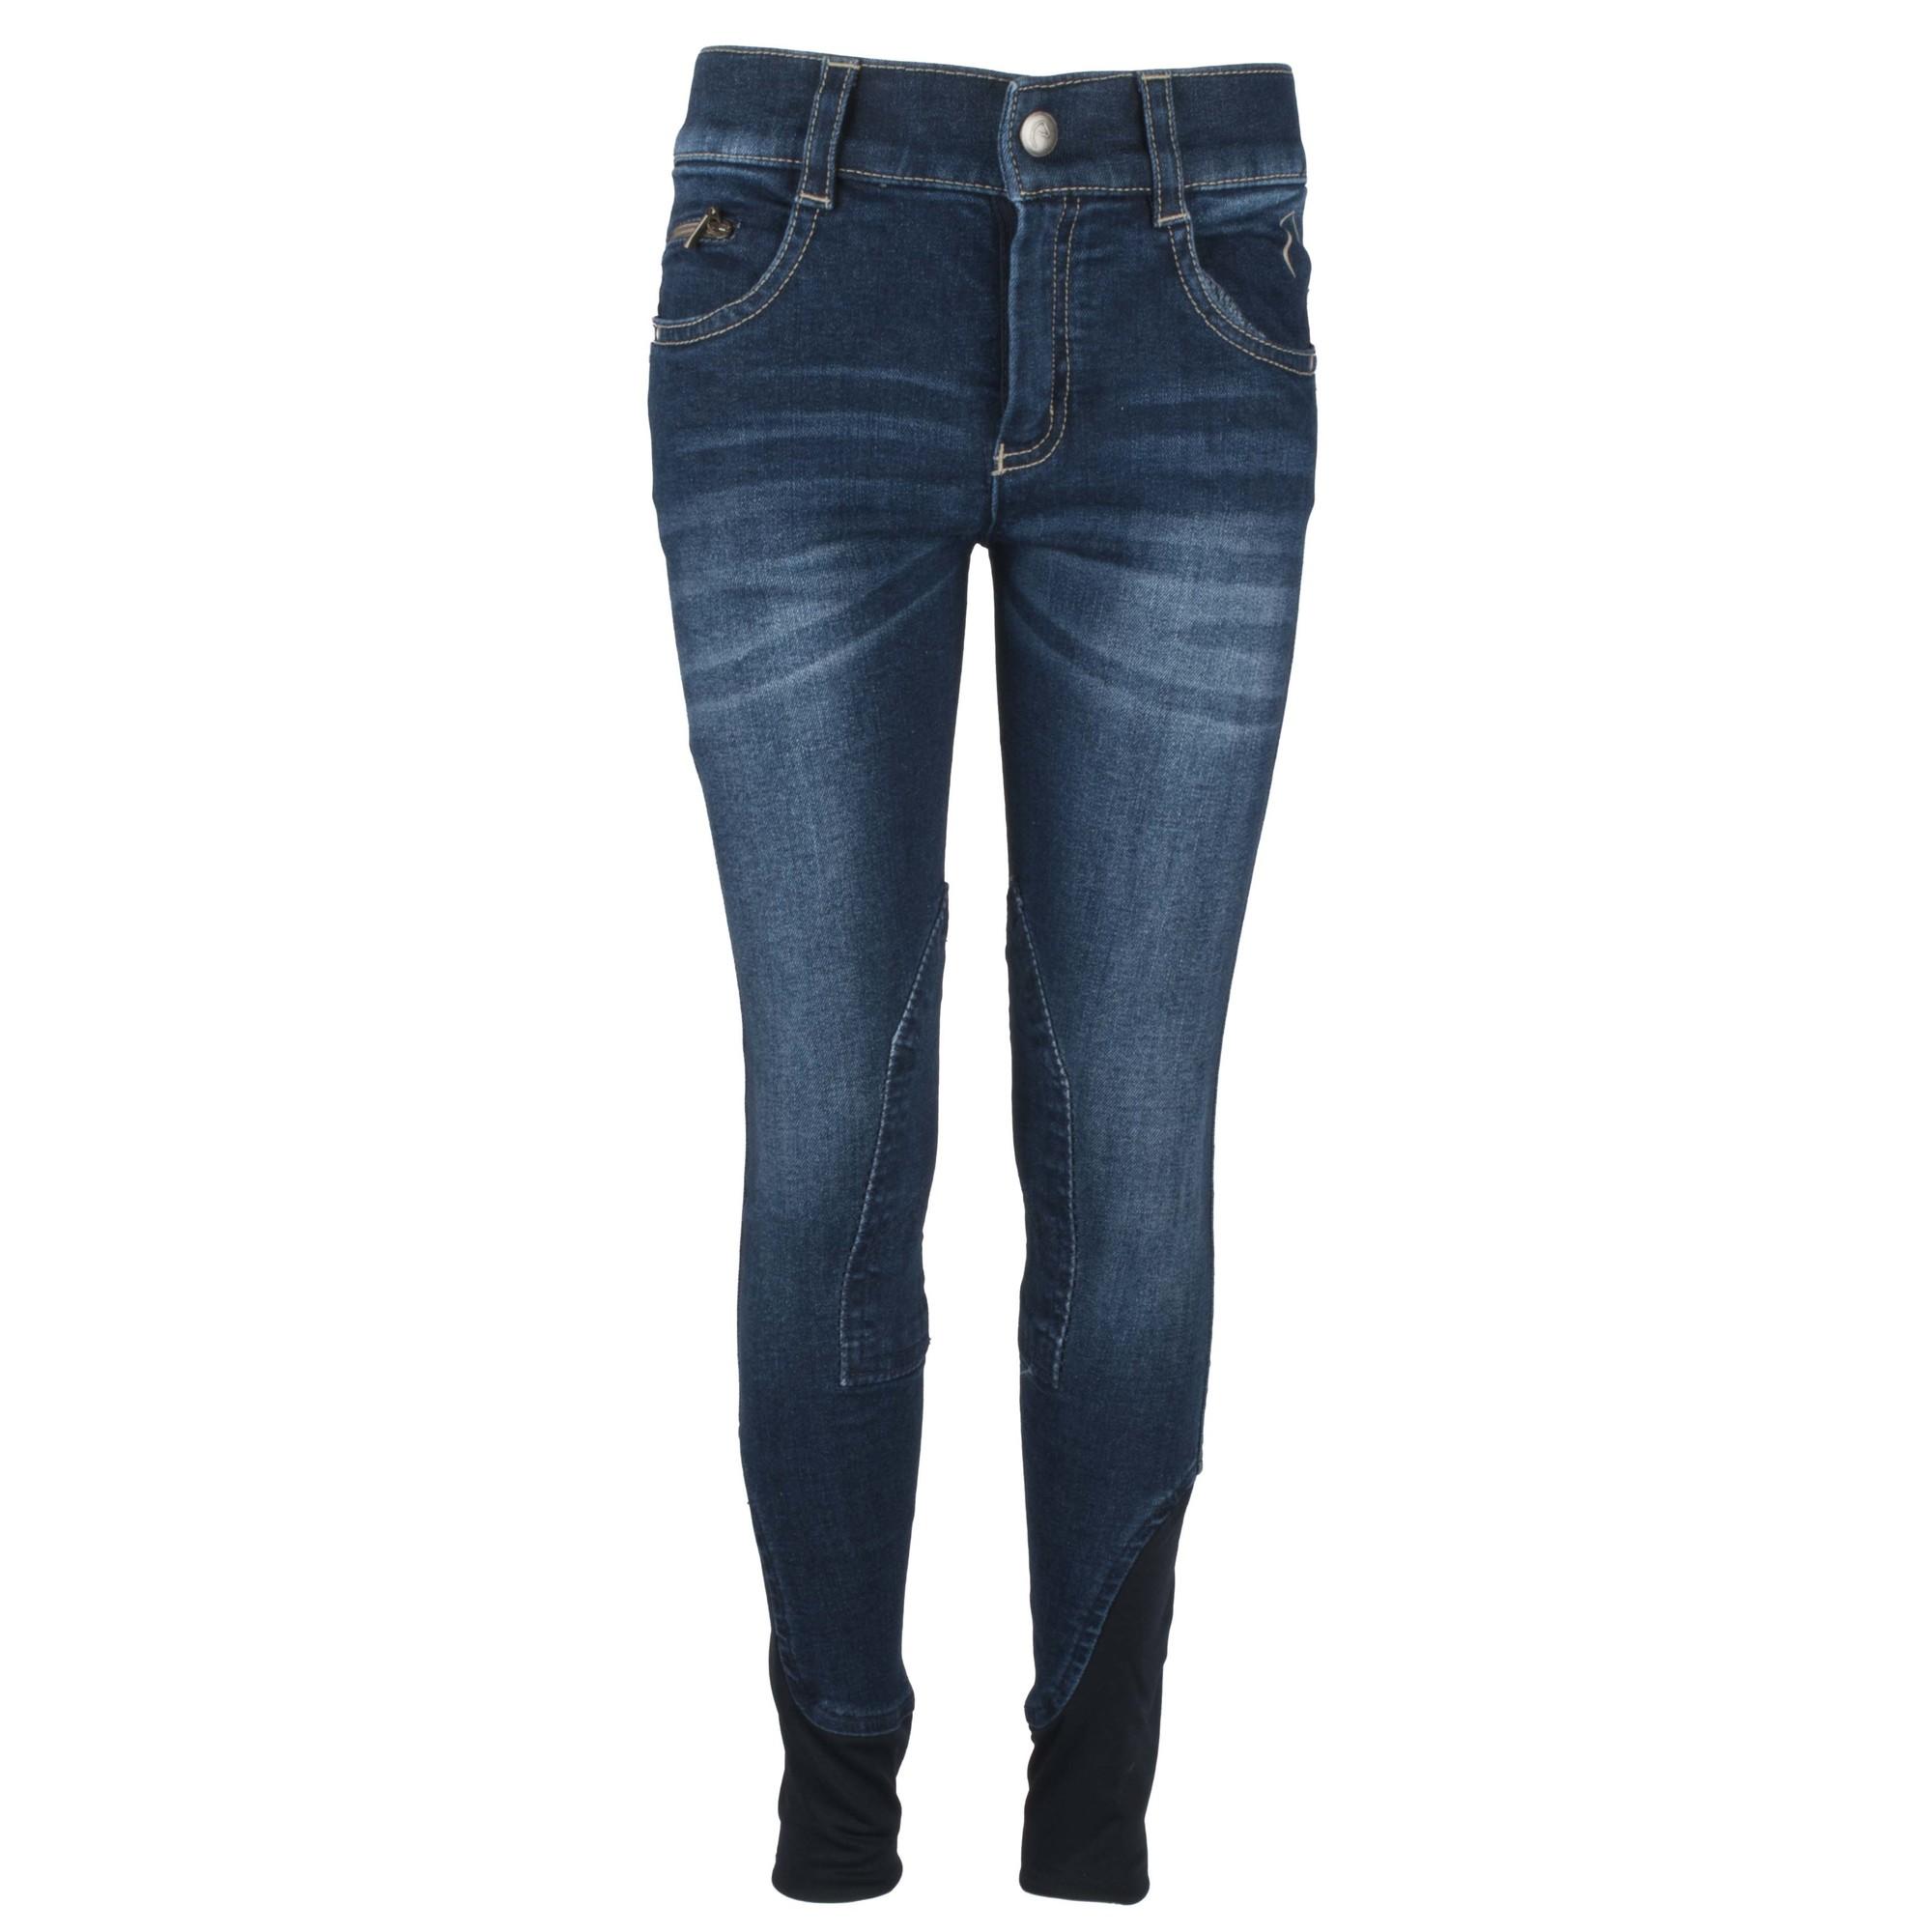 Equitheme Texas jeans kinder rijbroek donkerblauw maat:152